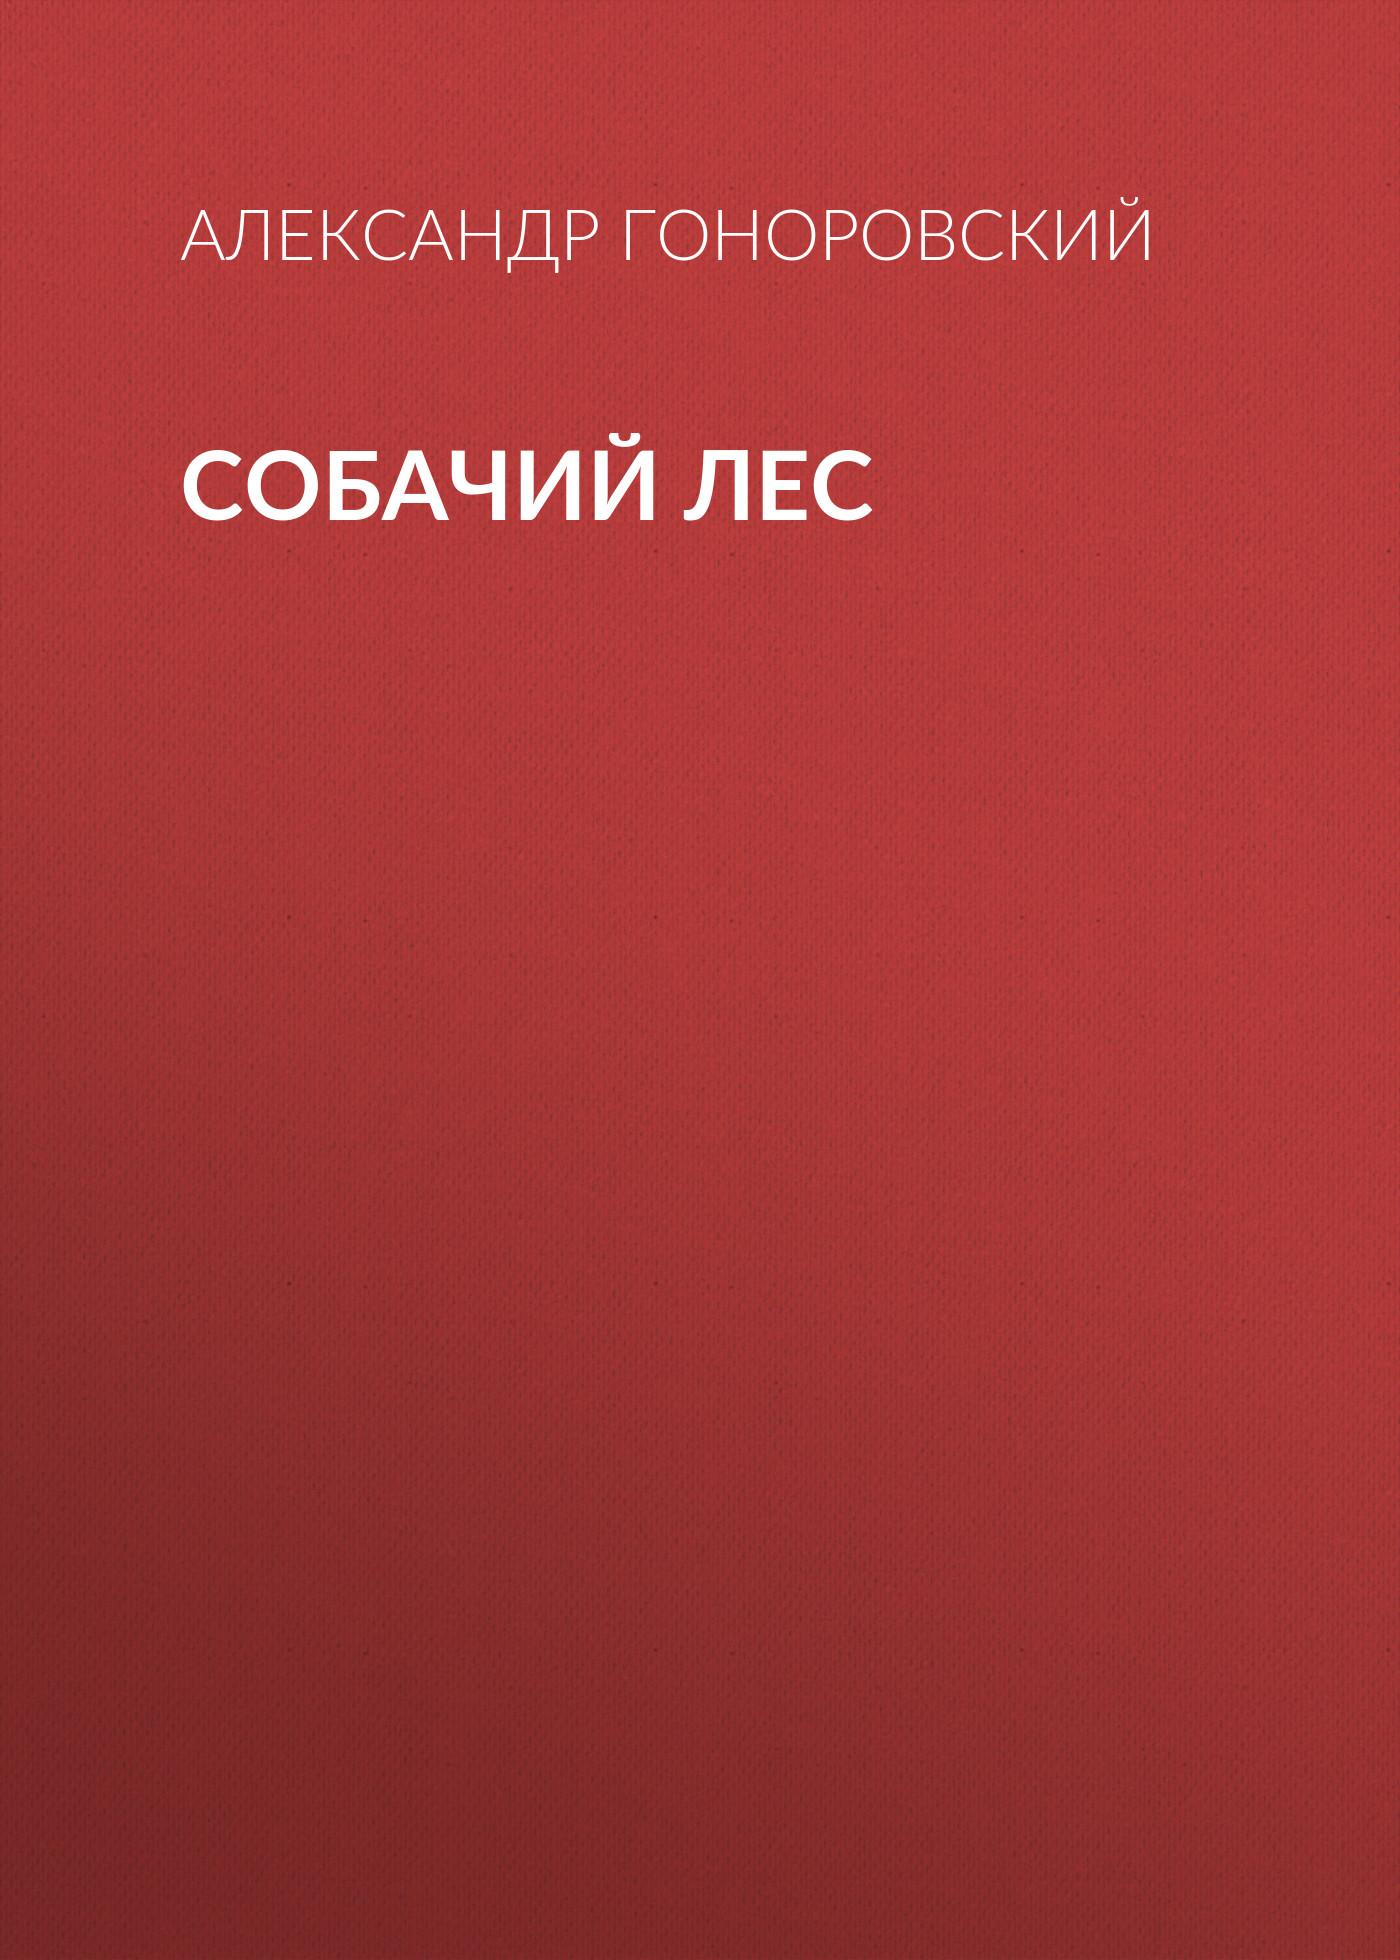 Александр Гоноровский Собачий лес александр григорьев волшебныйлес сказка